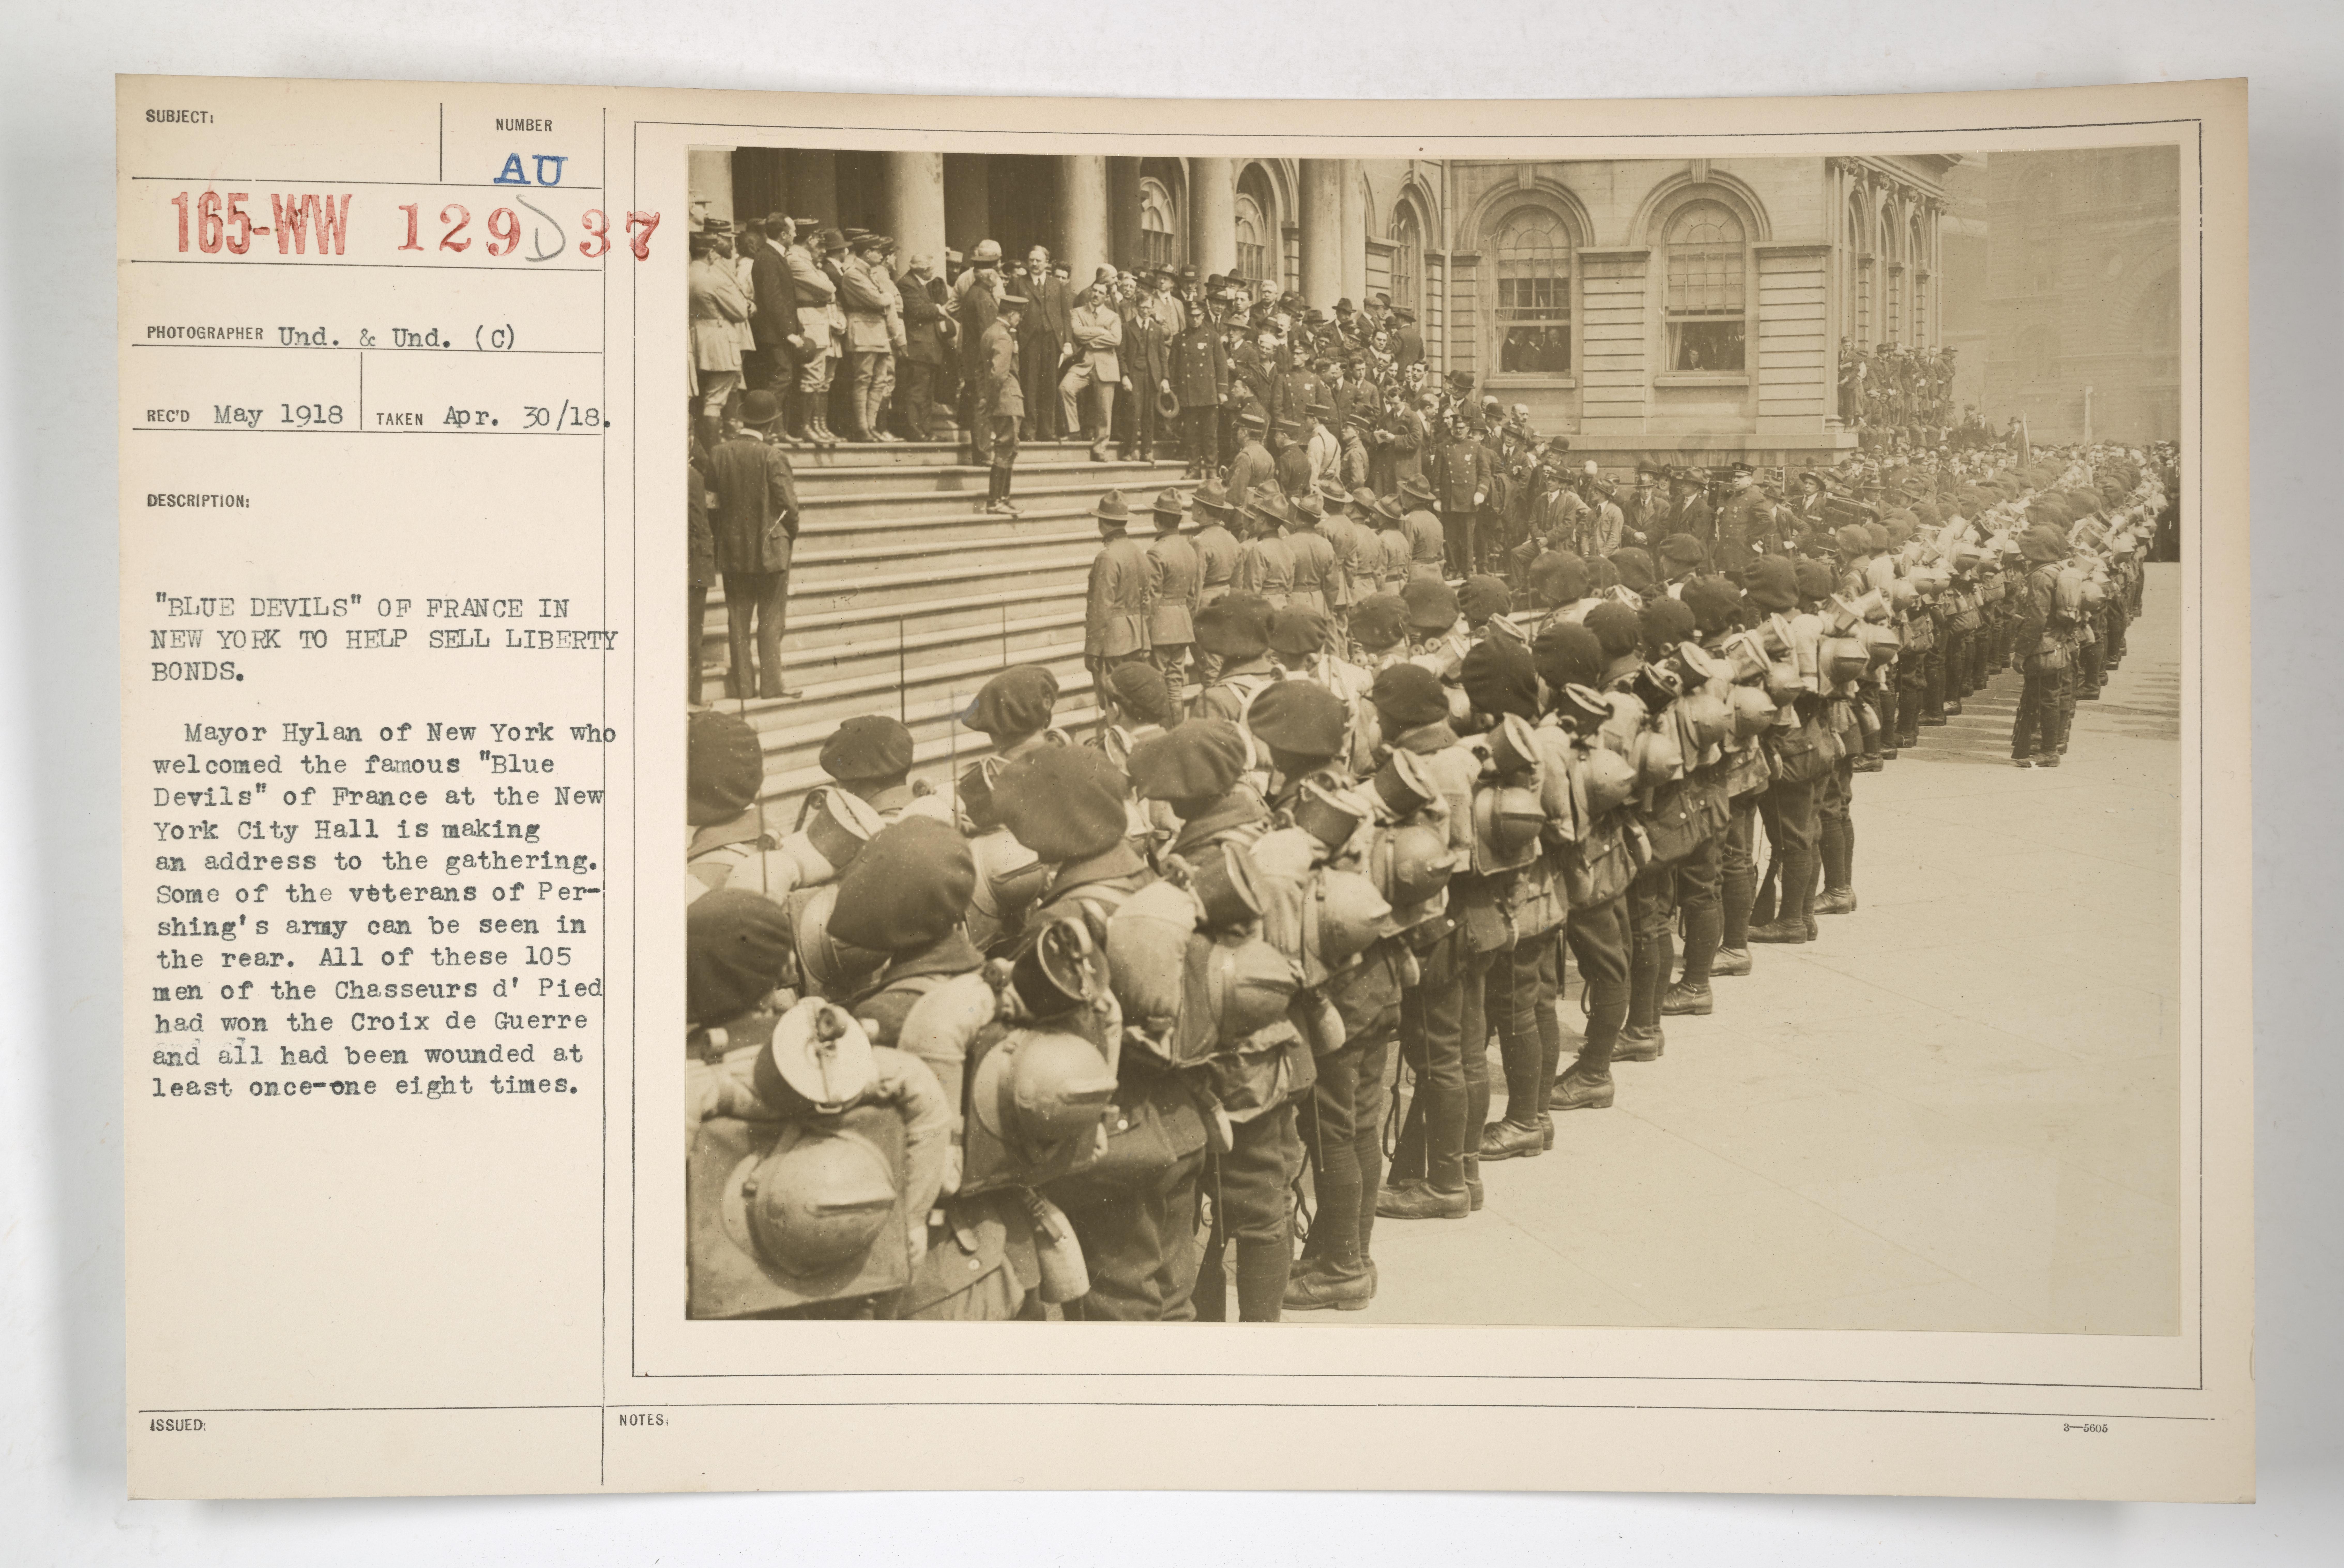 Les diables bleus défilent à New York en mai 1918 NARA 165-WW-129D-037